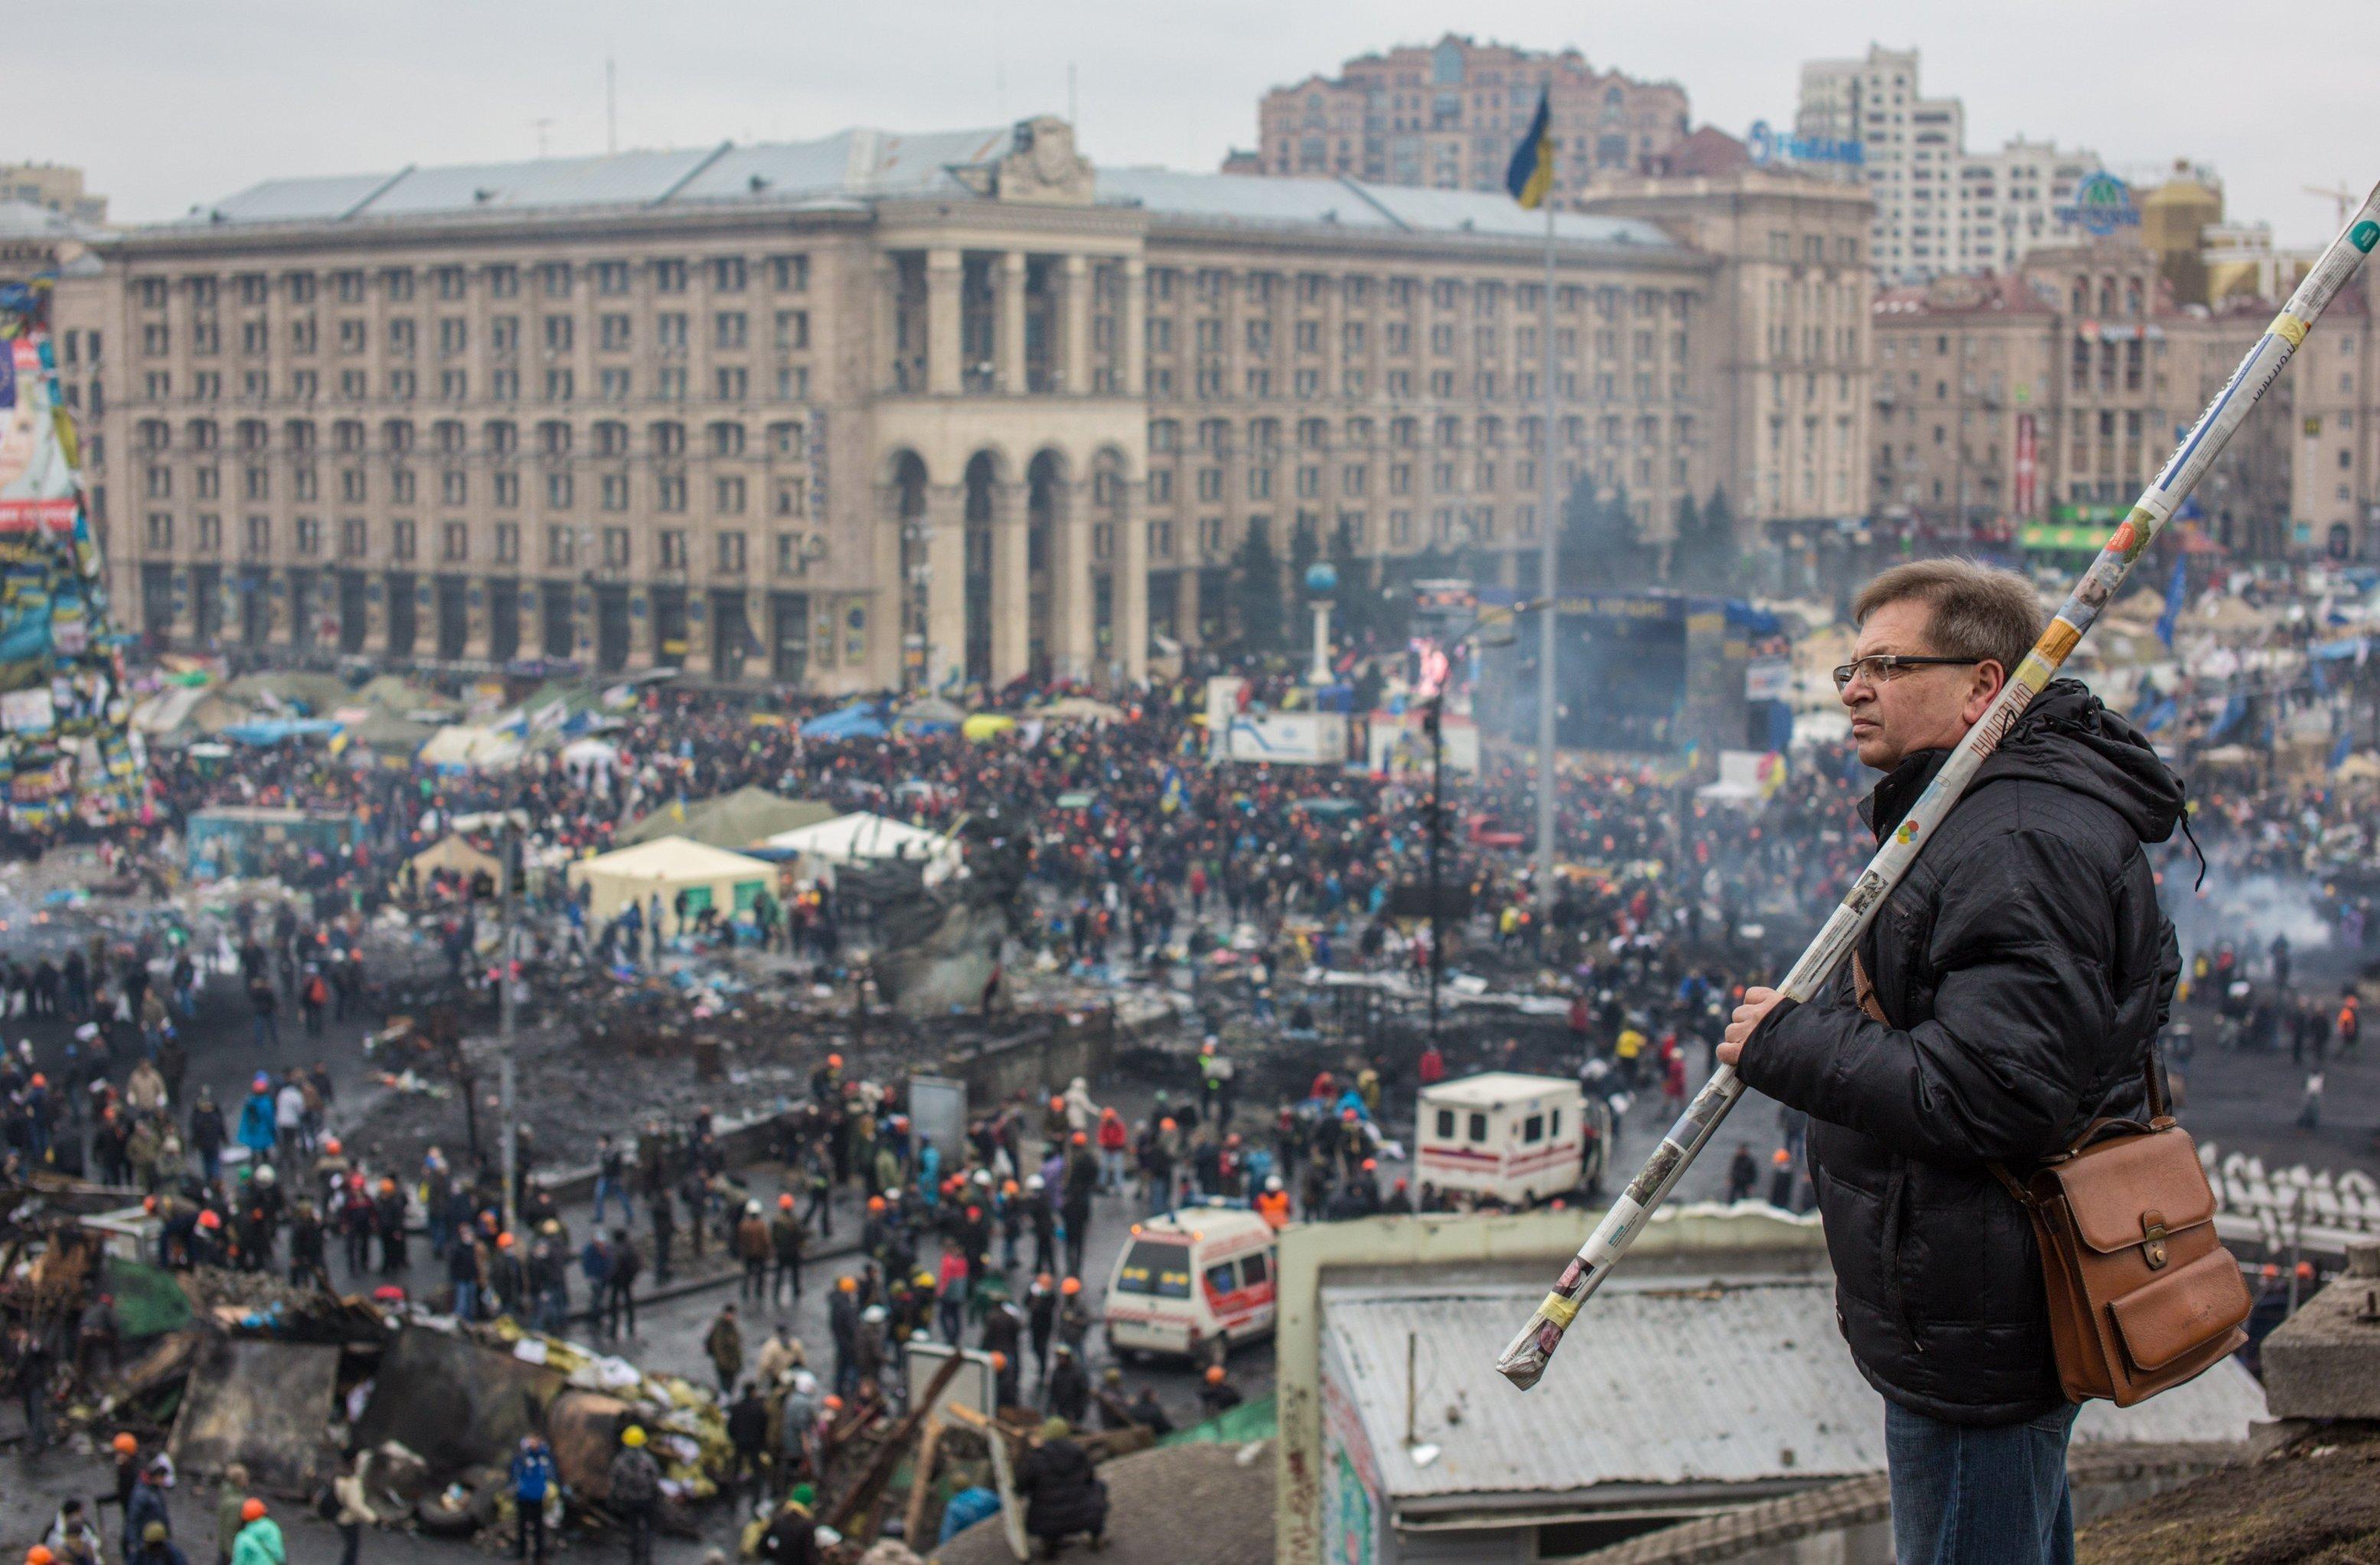 Сторонники оппозиции на площади Независимости в Киеве, архивное фото